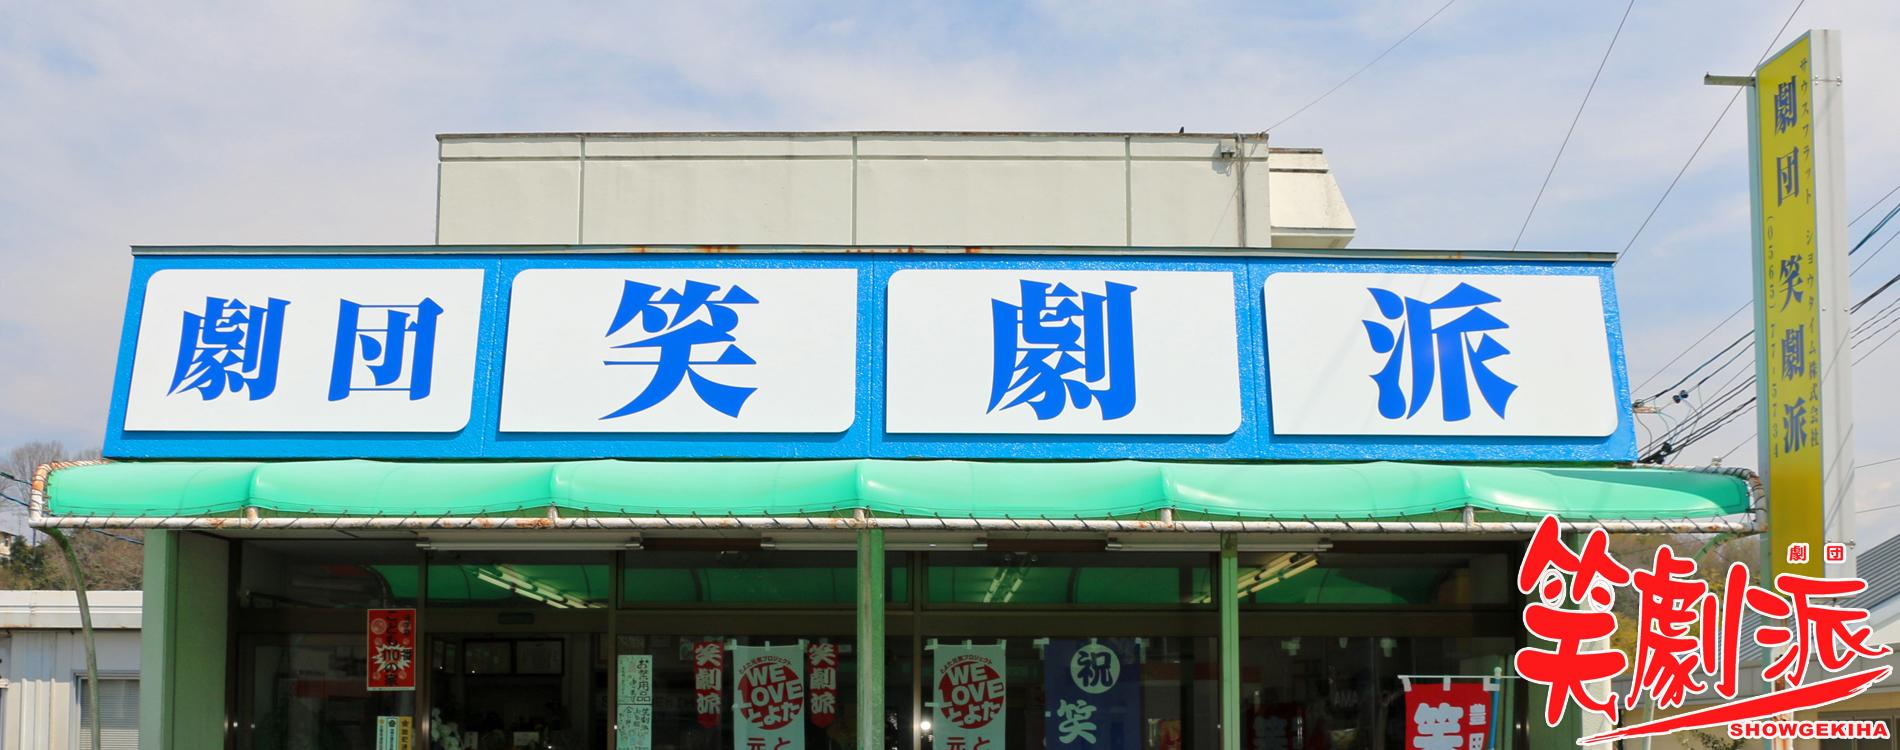 事務所・劇場